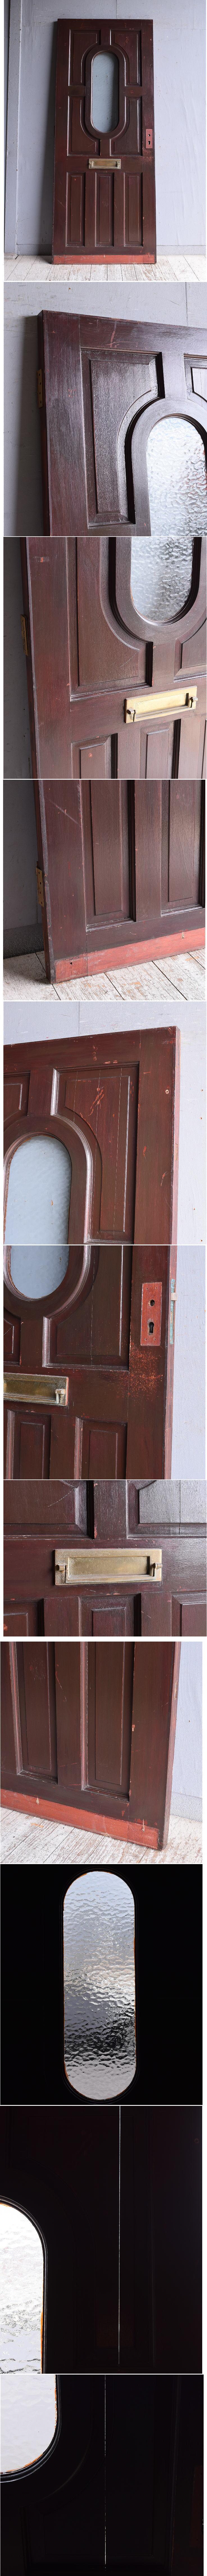 イギリス アンティーク ドア 扉 建具 9521